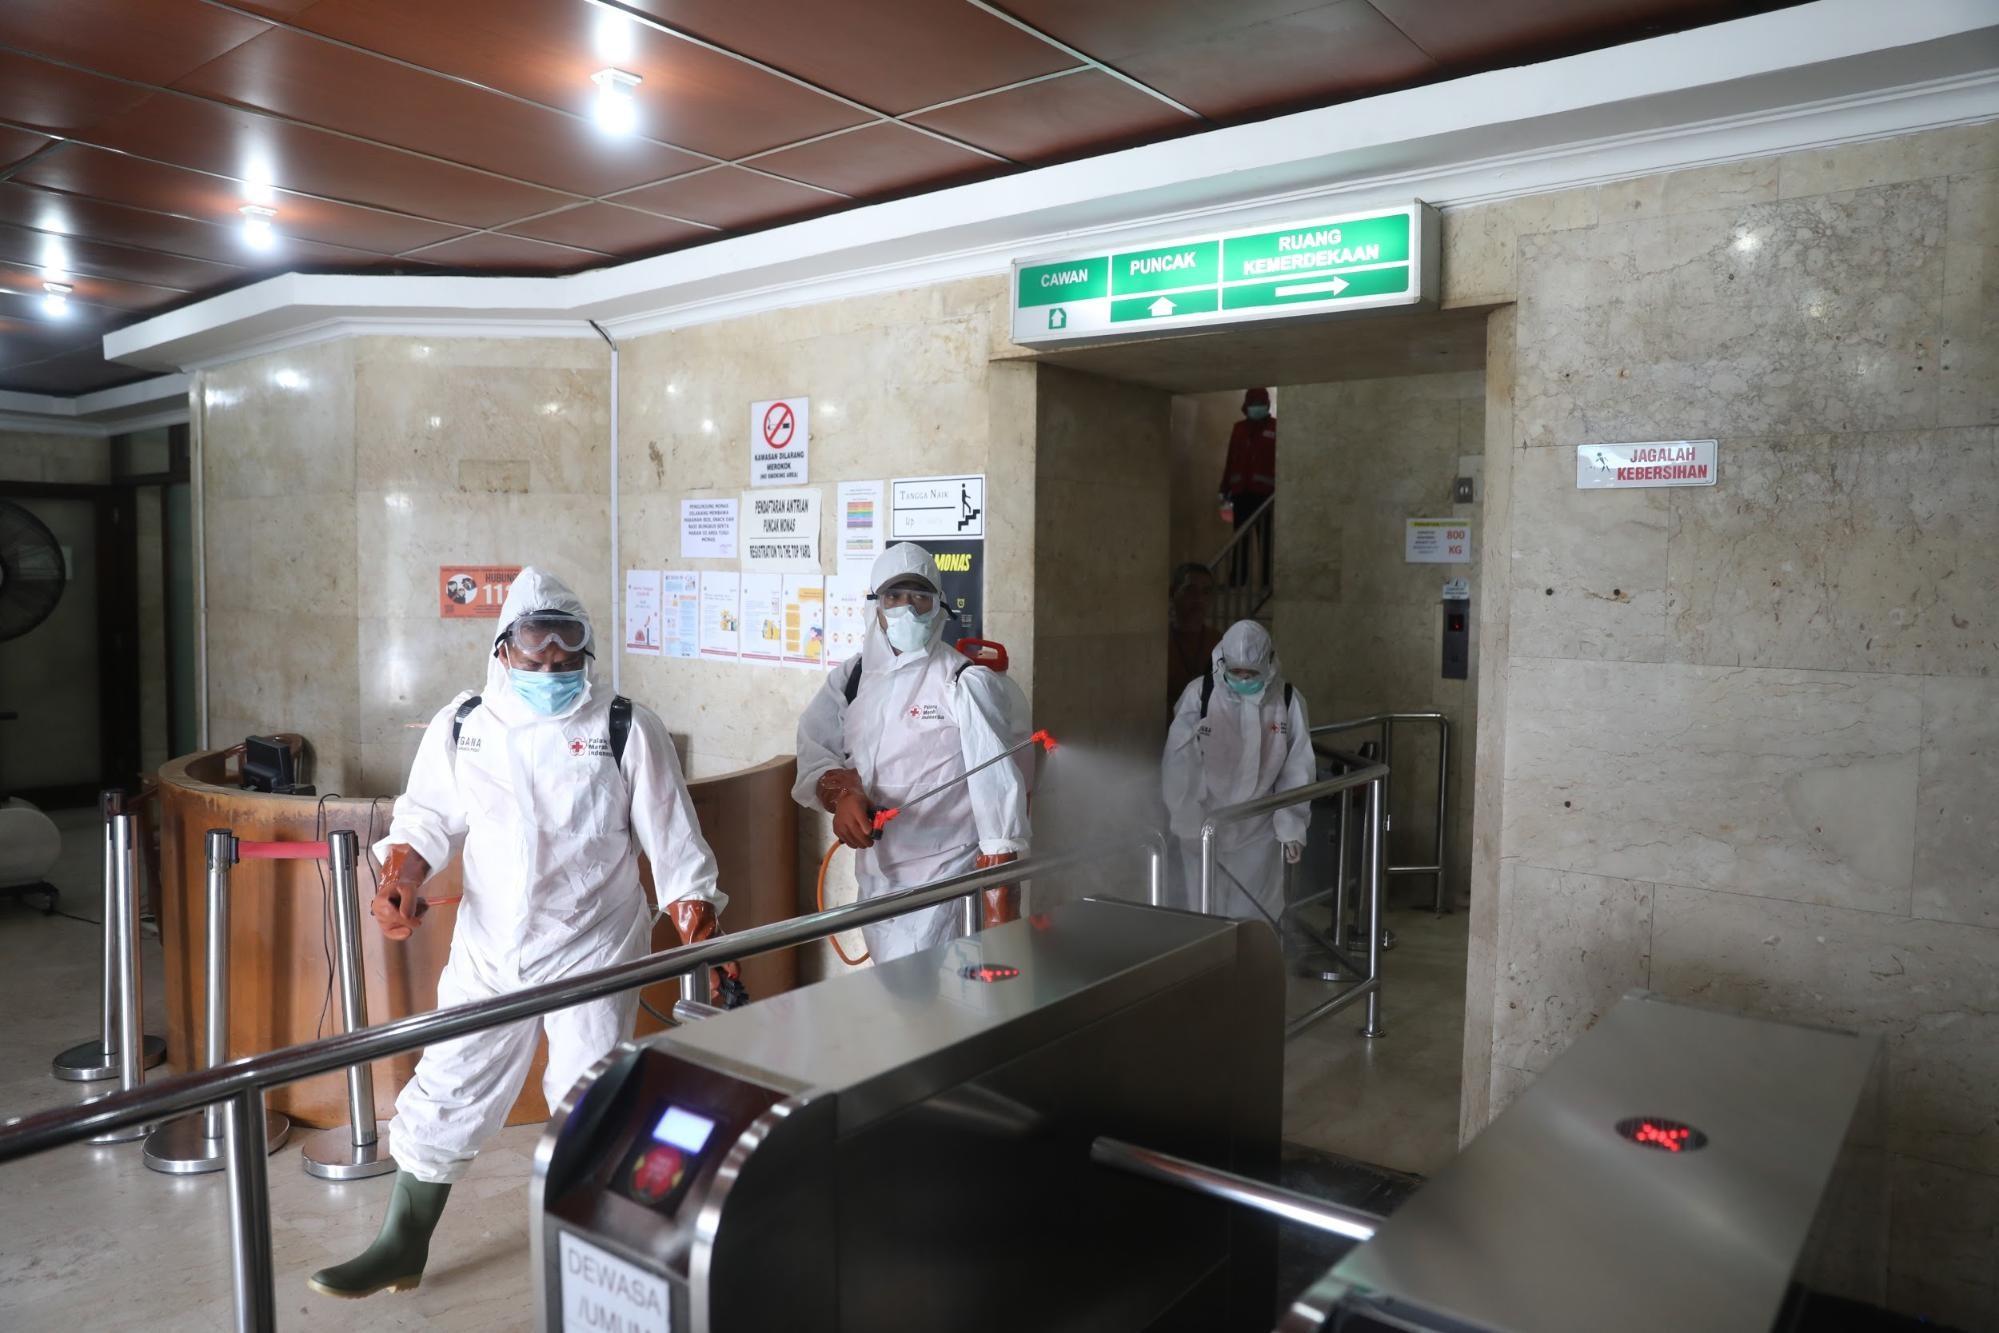 ジャカルタの観光施設で消毒する作業員ら。朝日新聞ジャカルタ支局の野上英文記者が2020年3月に撮影。